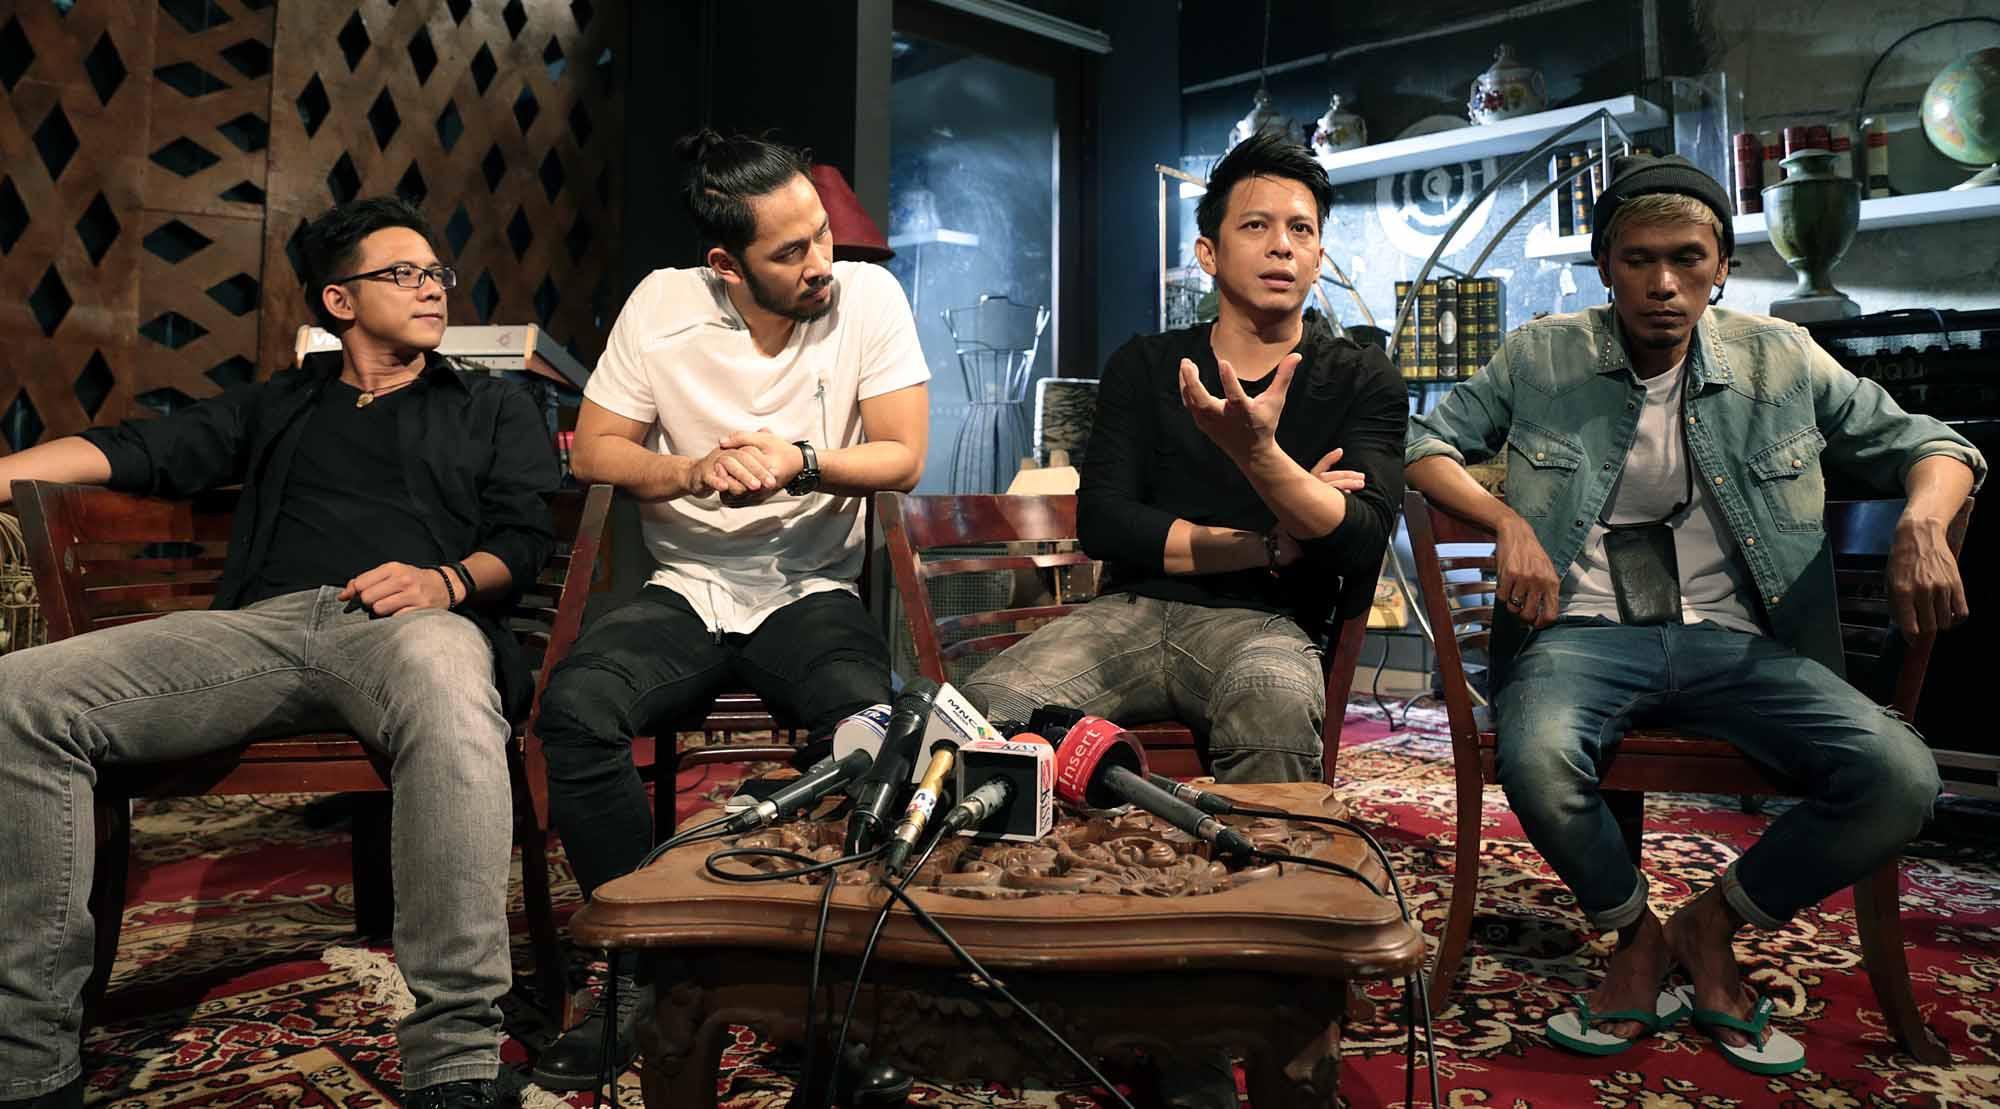 NOAH ungkap album baru punya nuansa Peterpan (Deki Prayoga/Bintang.com)